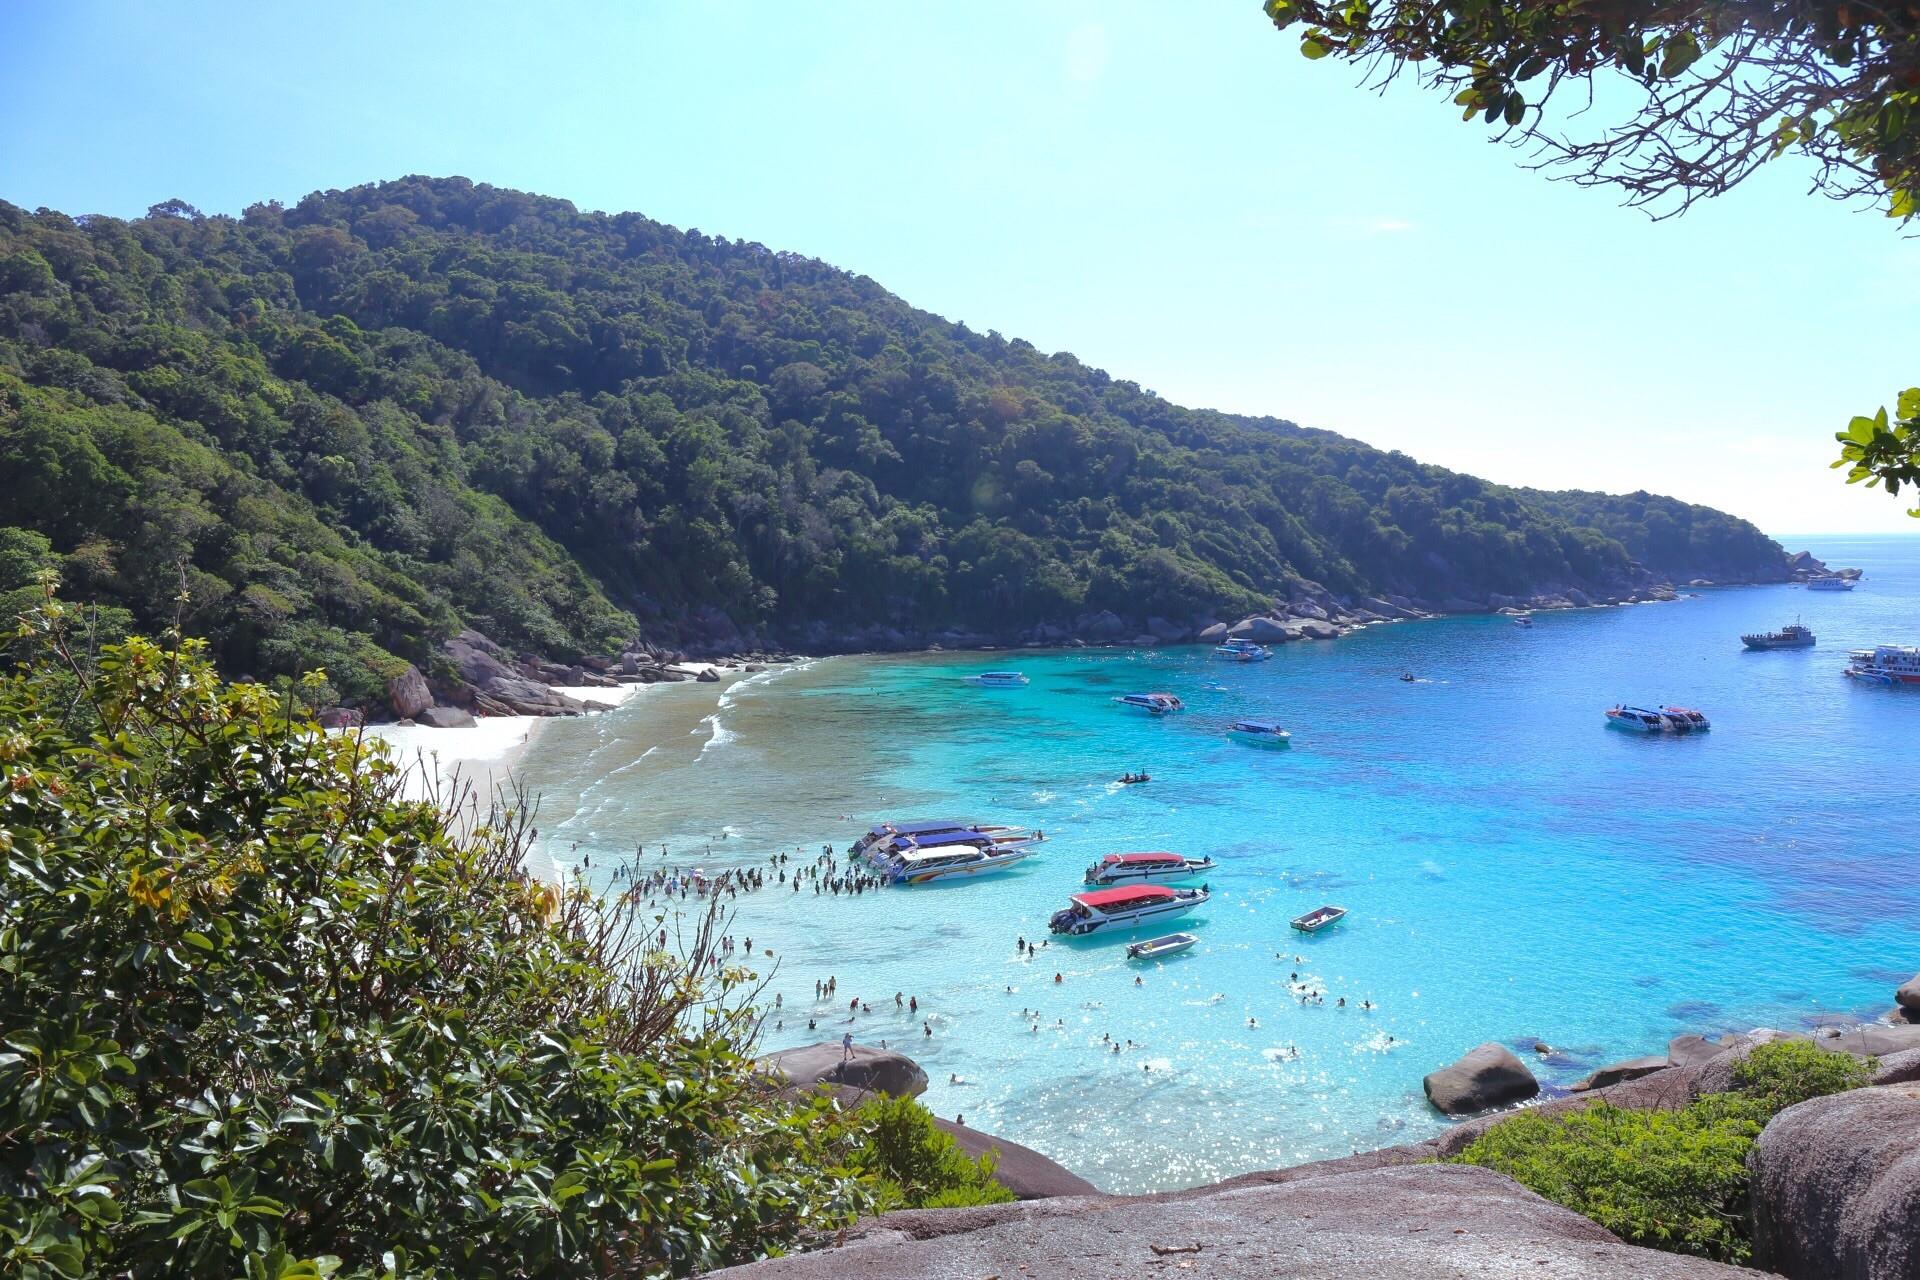 微笑泰国,醉美普吉岛4日游(附游玩成吨的经验)